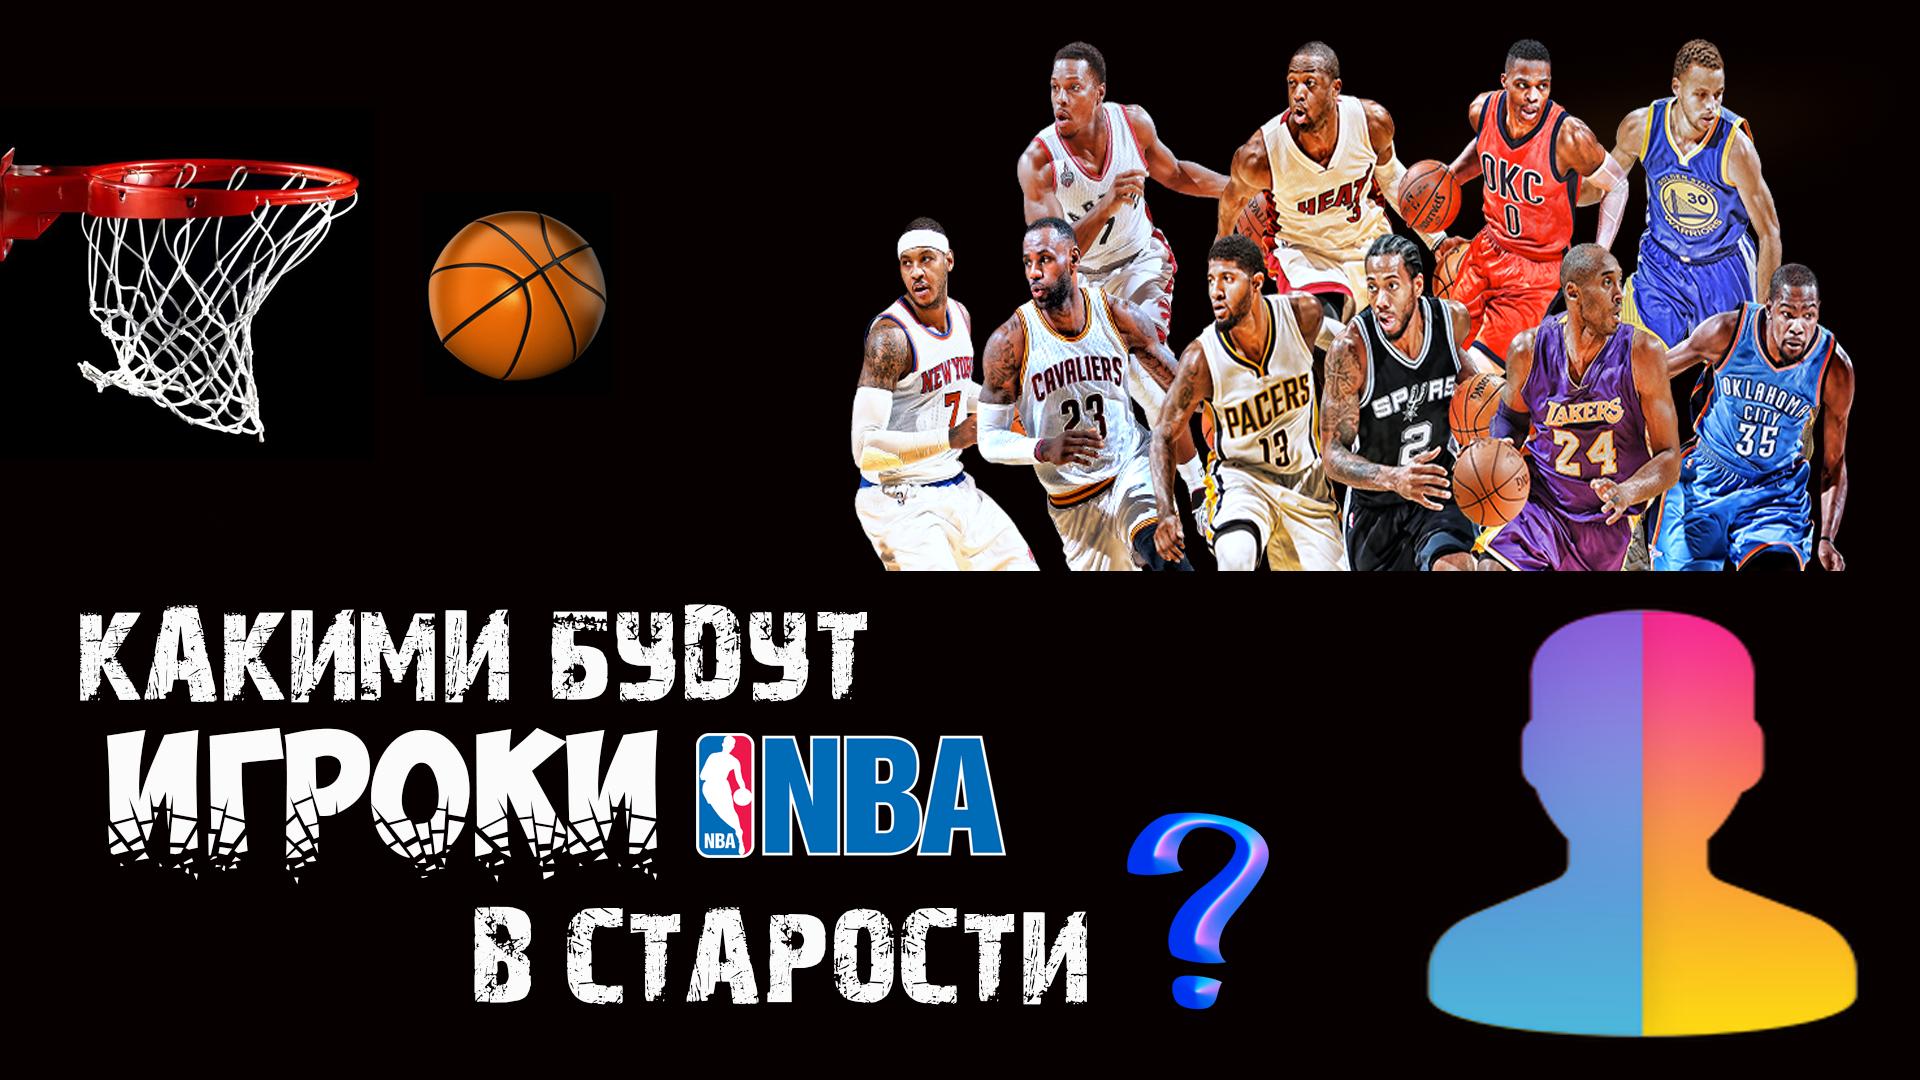 Как будут выглядеть игроки NBA в старости?